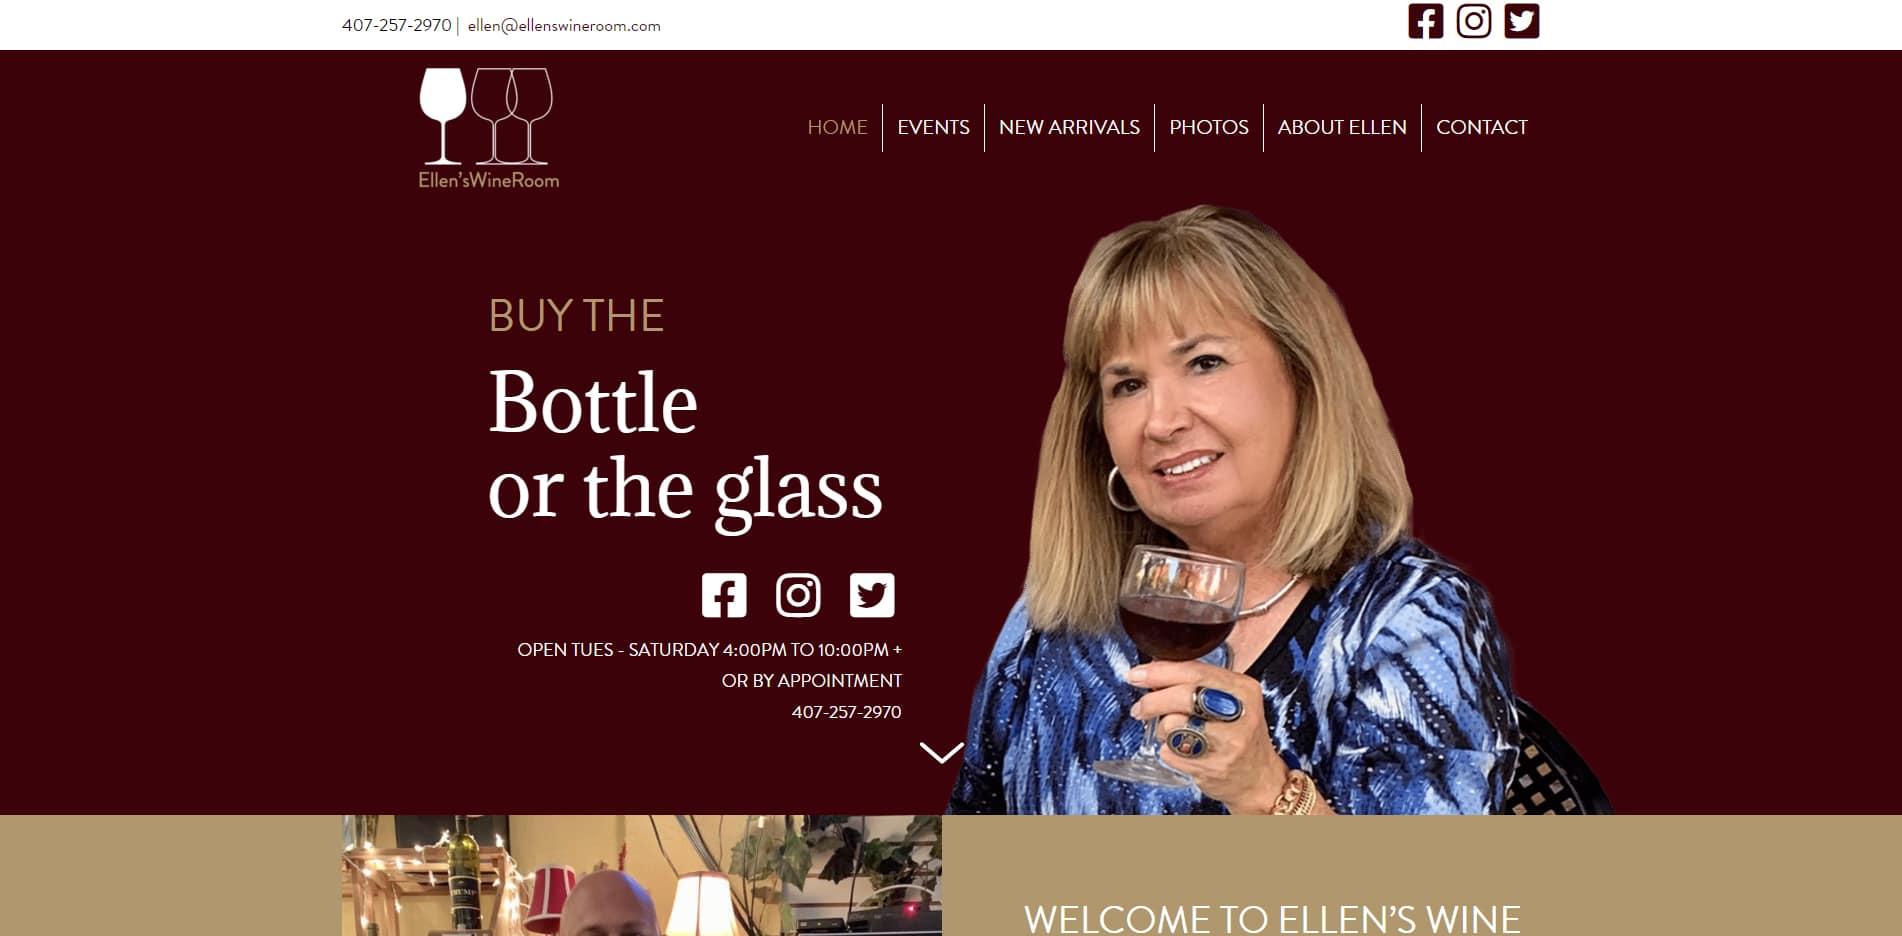 Screenshot of web design for Ellens Wine Room